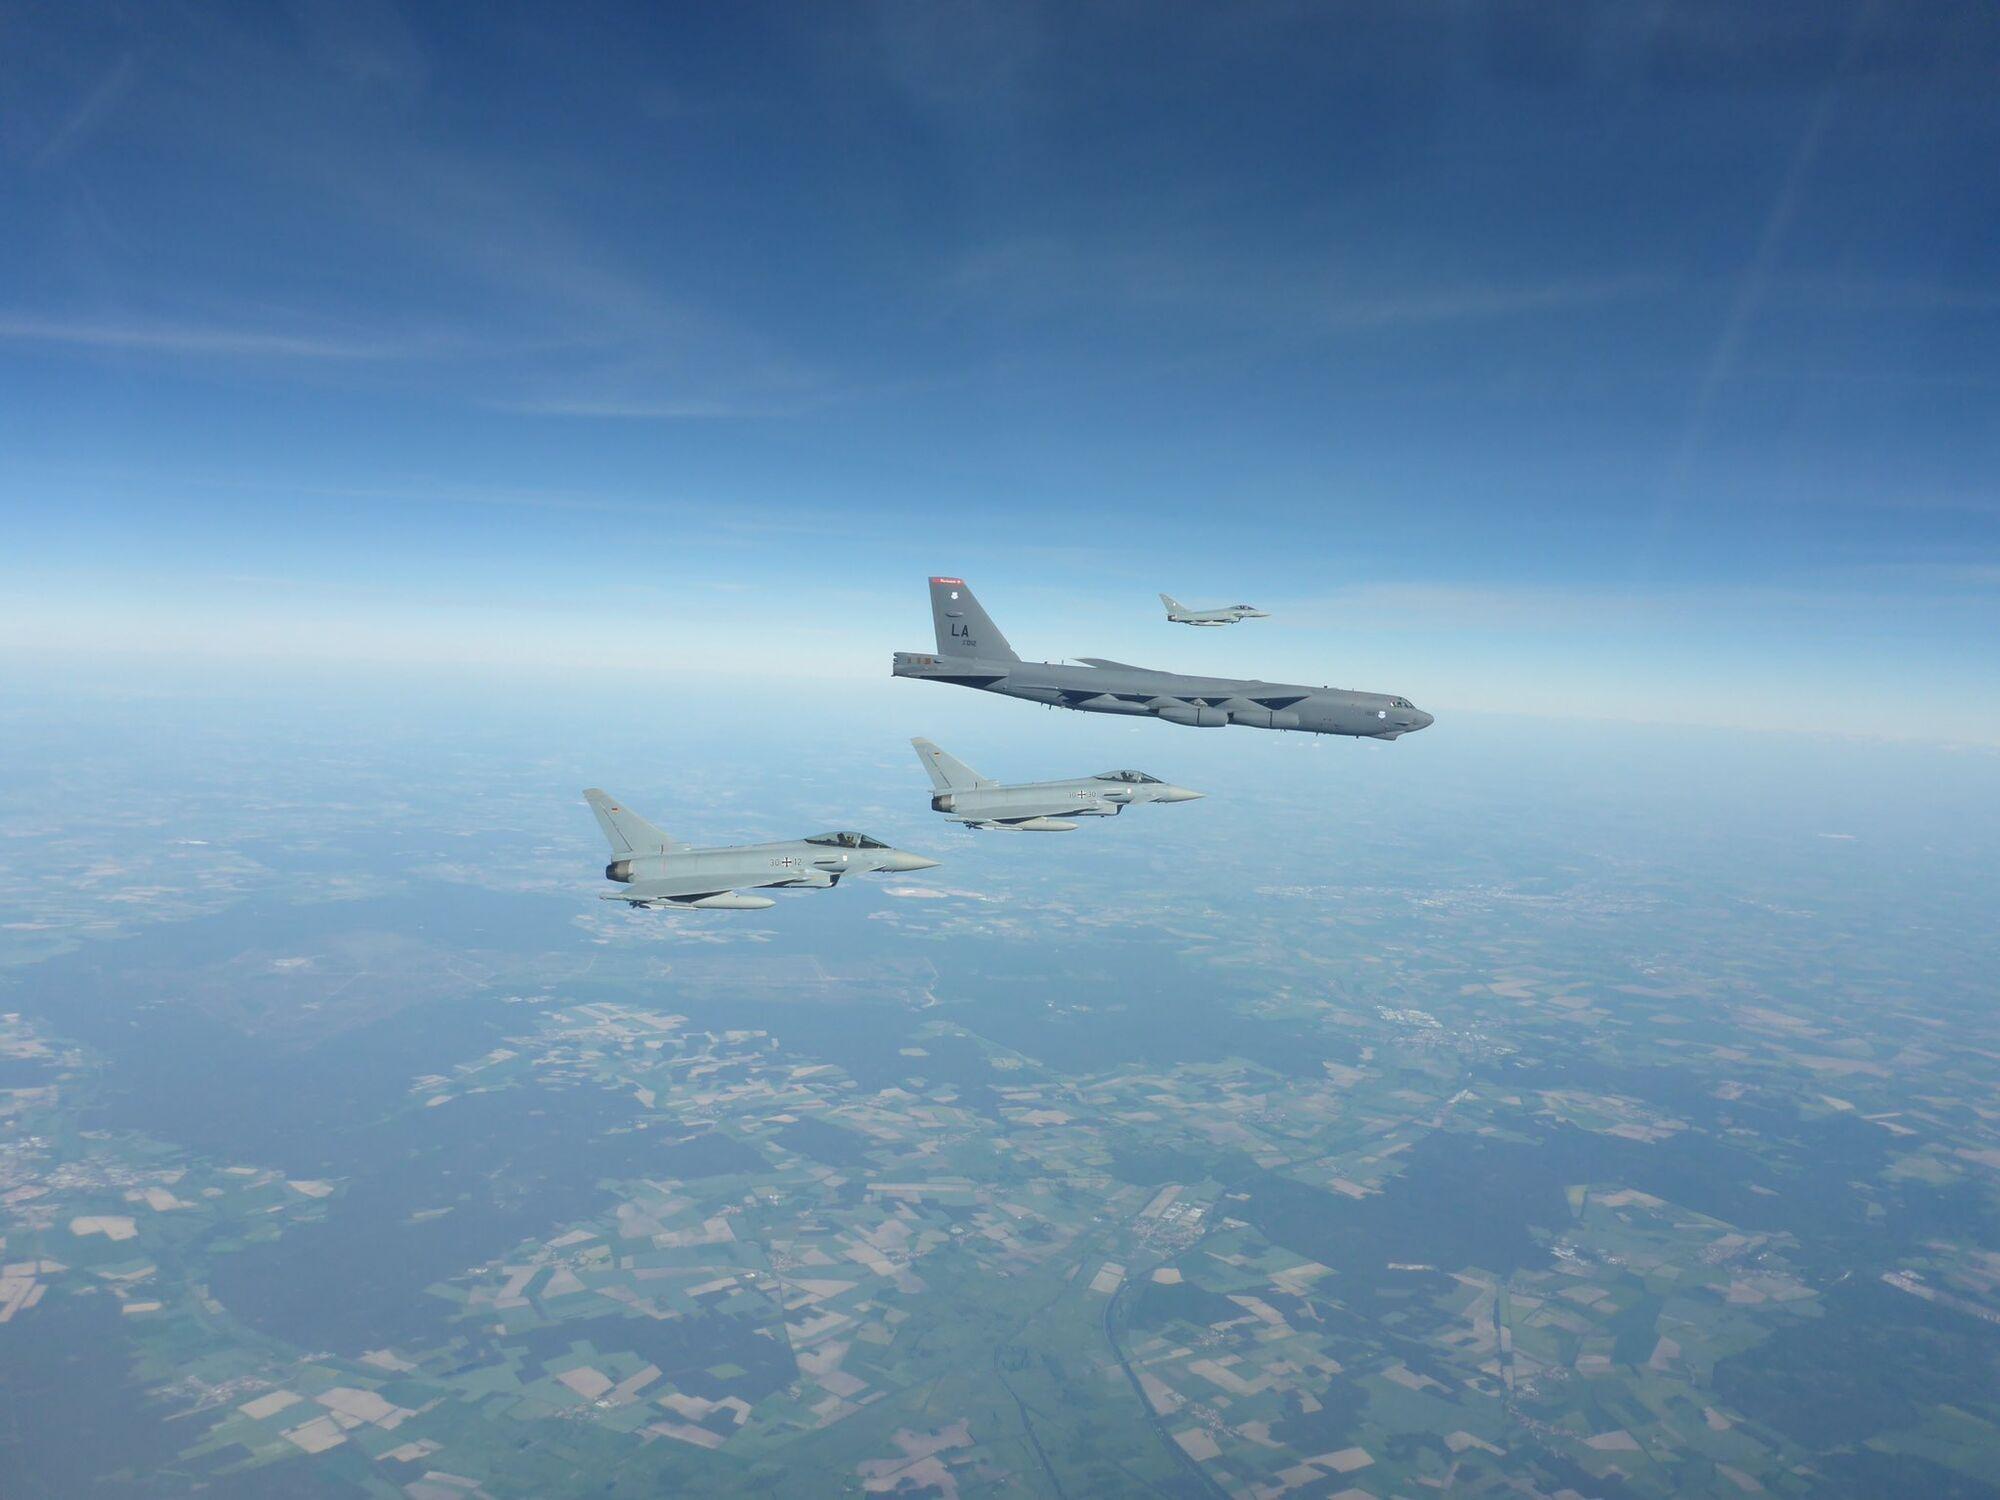 Истребители сопровождают американские бомбардировщики над странами НАТО